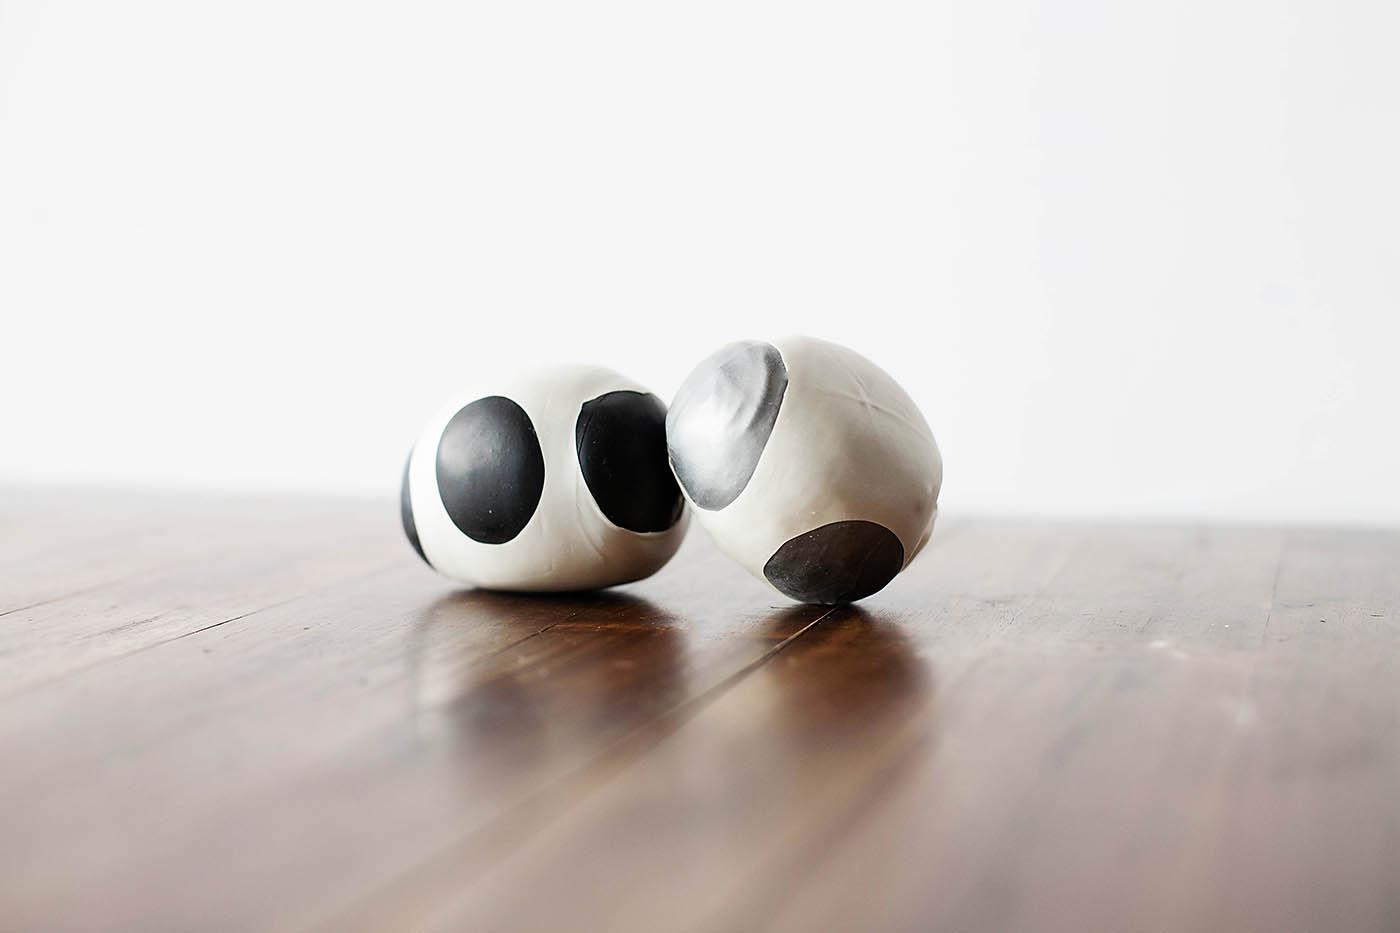 aftb-juggling-stress-balls-2